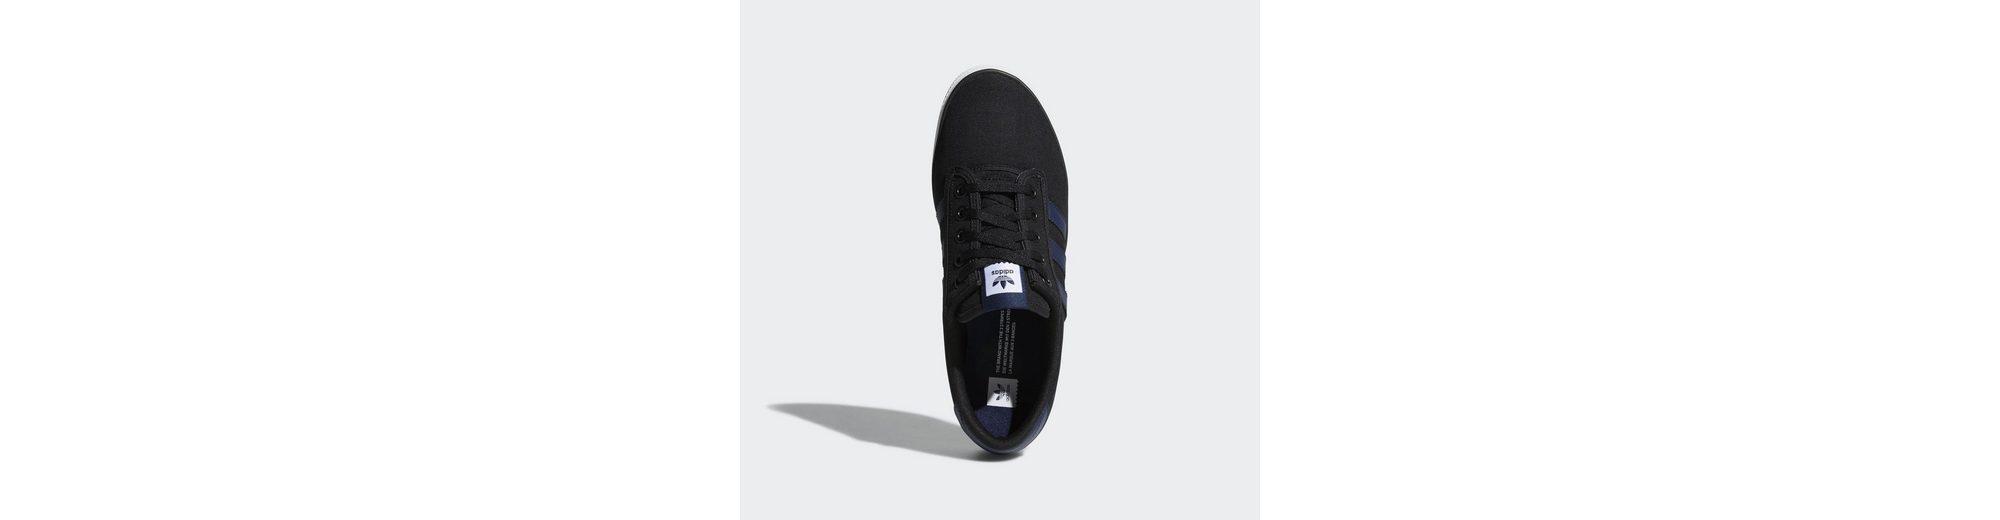 Schnelle Lieferung Verkauf Online Gefälschte Online adidas Originals Kiel Schuh Skateschuh 0tBEeVt